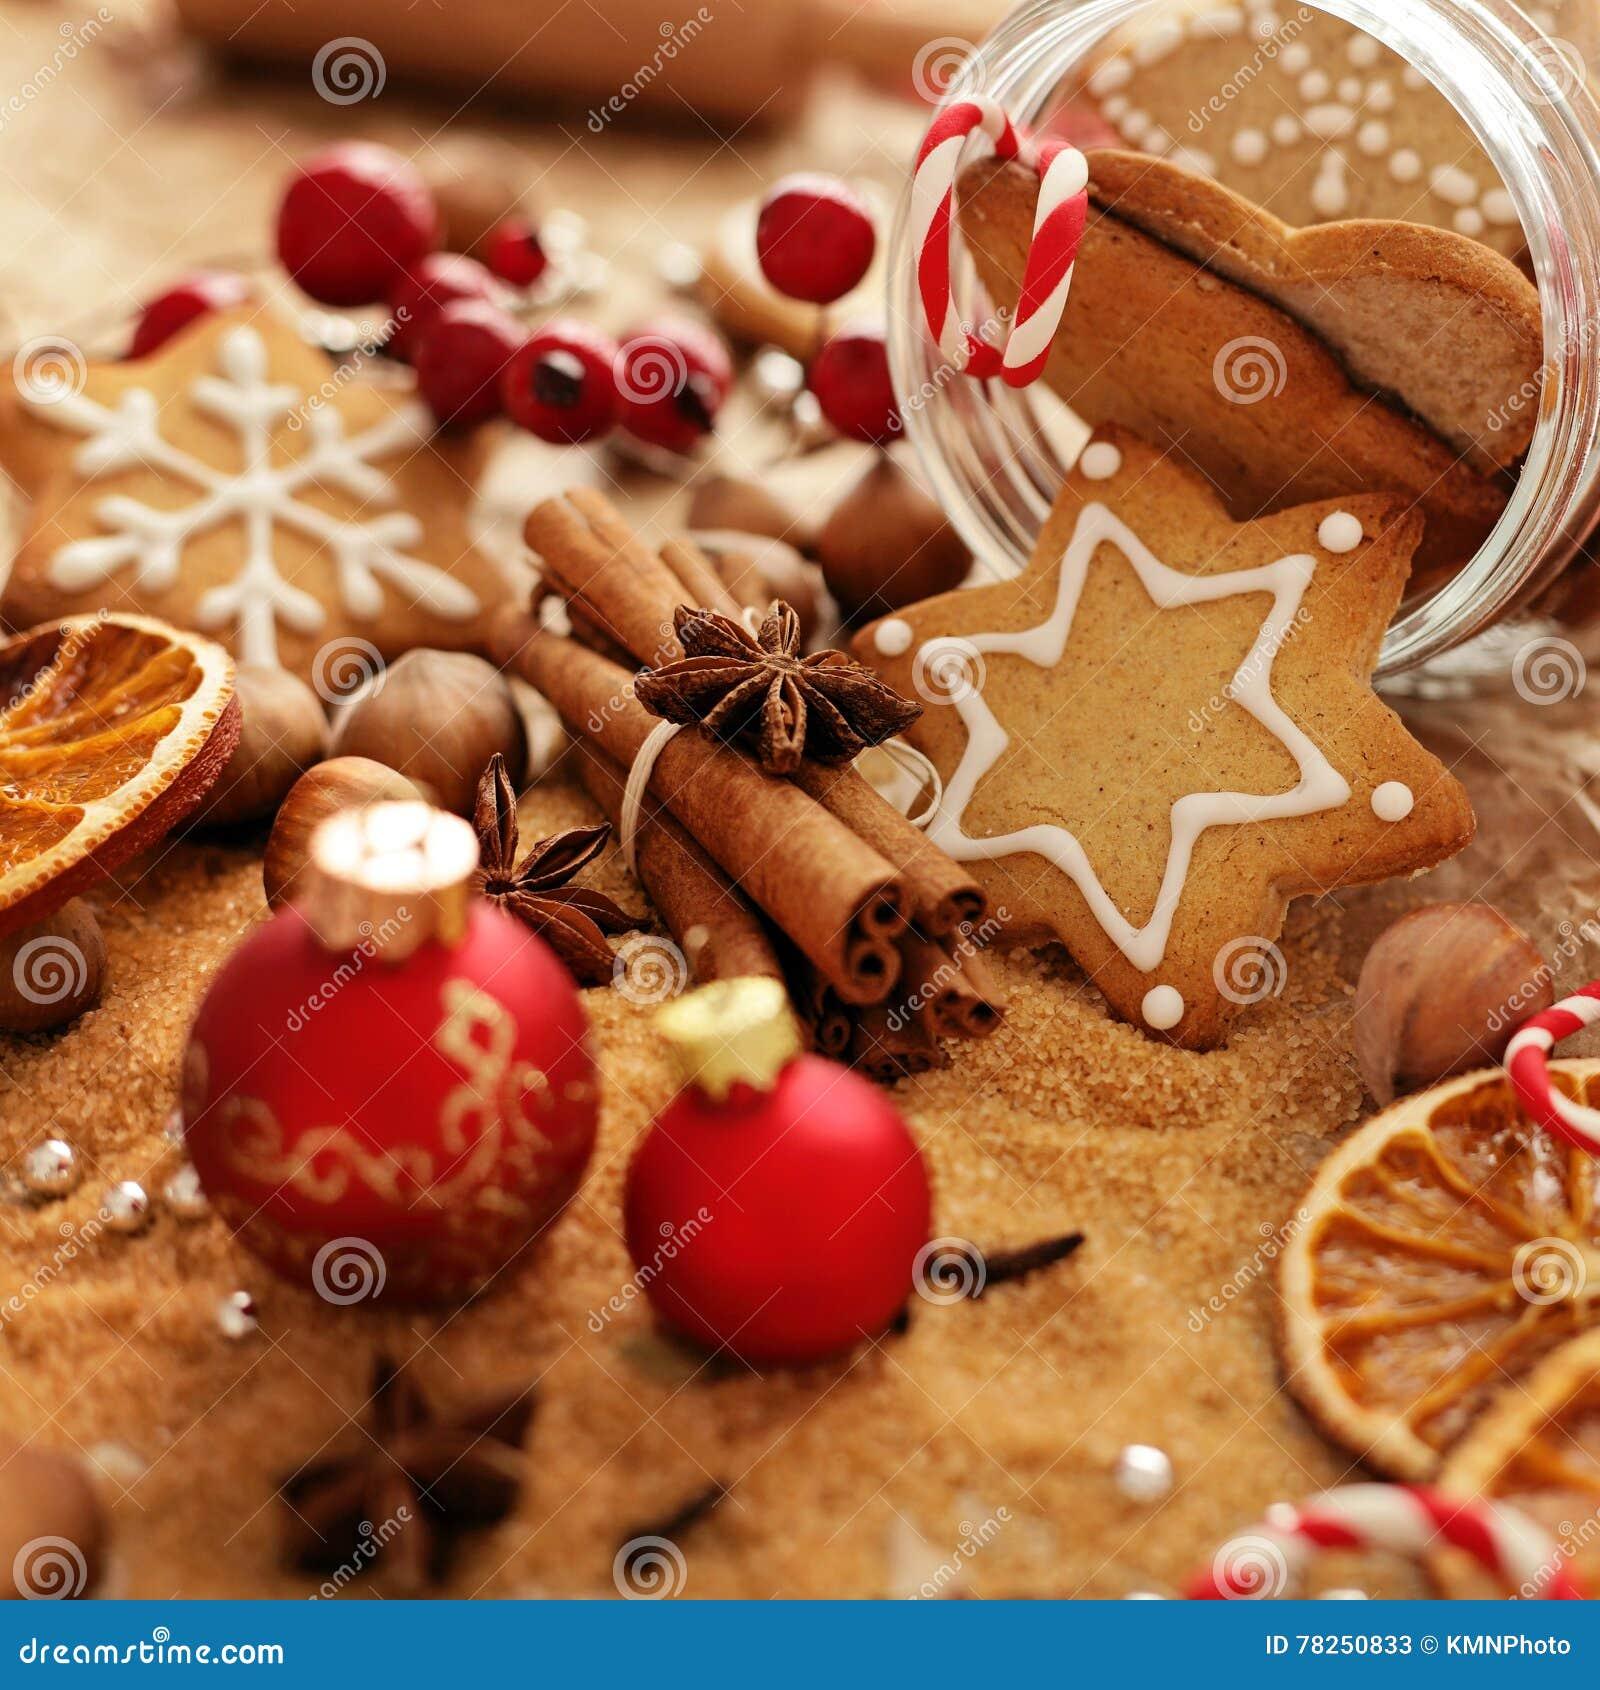 αστέρι μορφών φεγγαριών καρδιών μπισκότων Χριστουγέννων ψησίματος